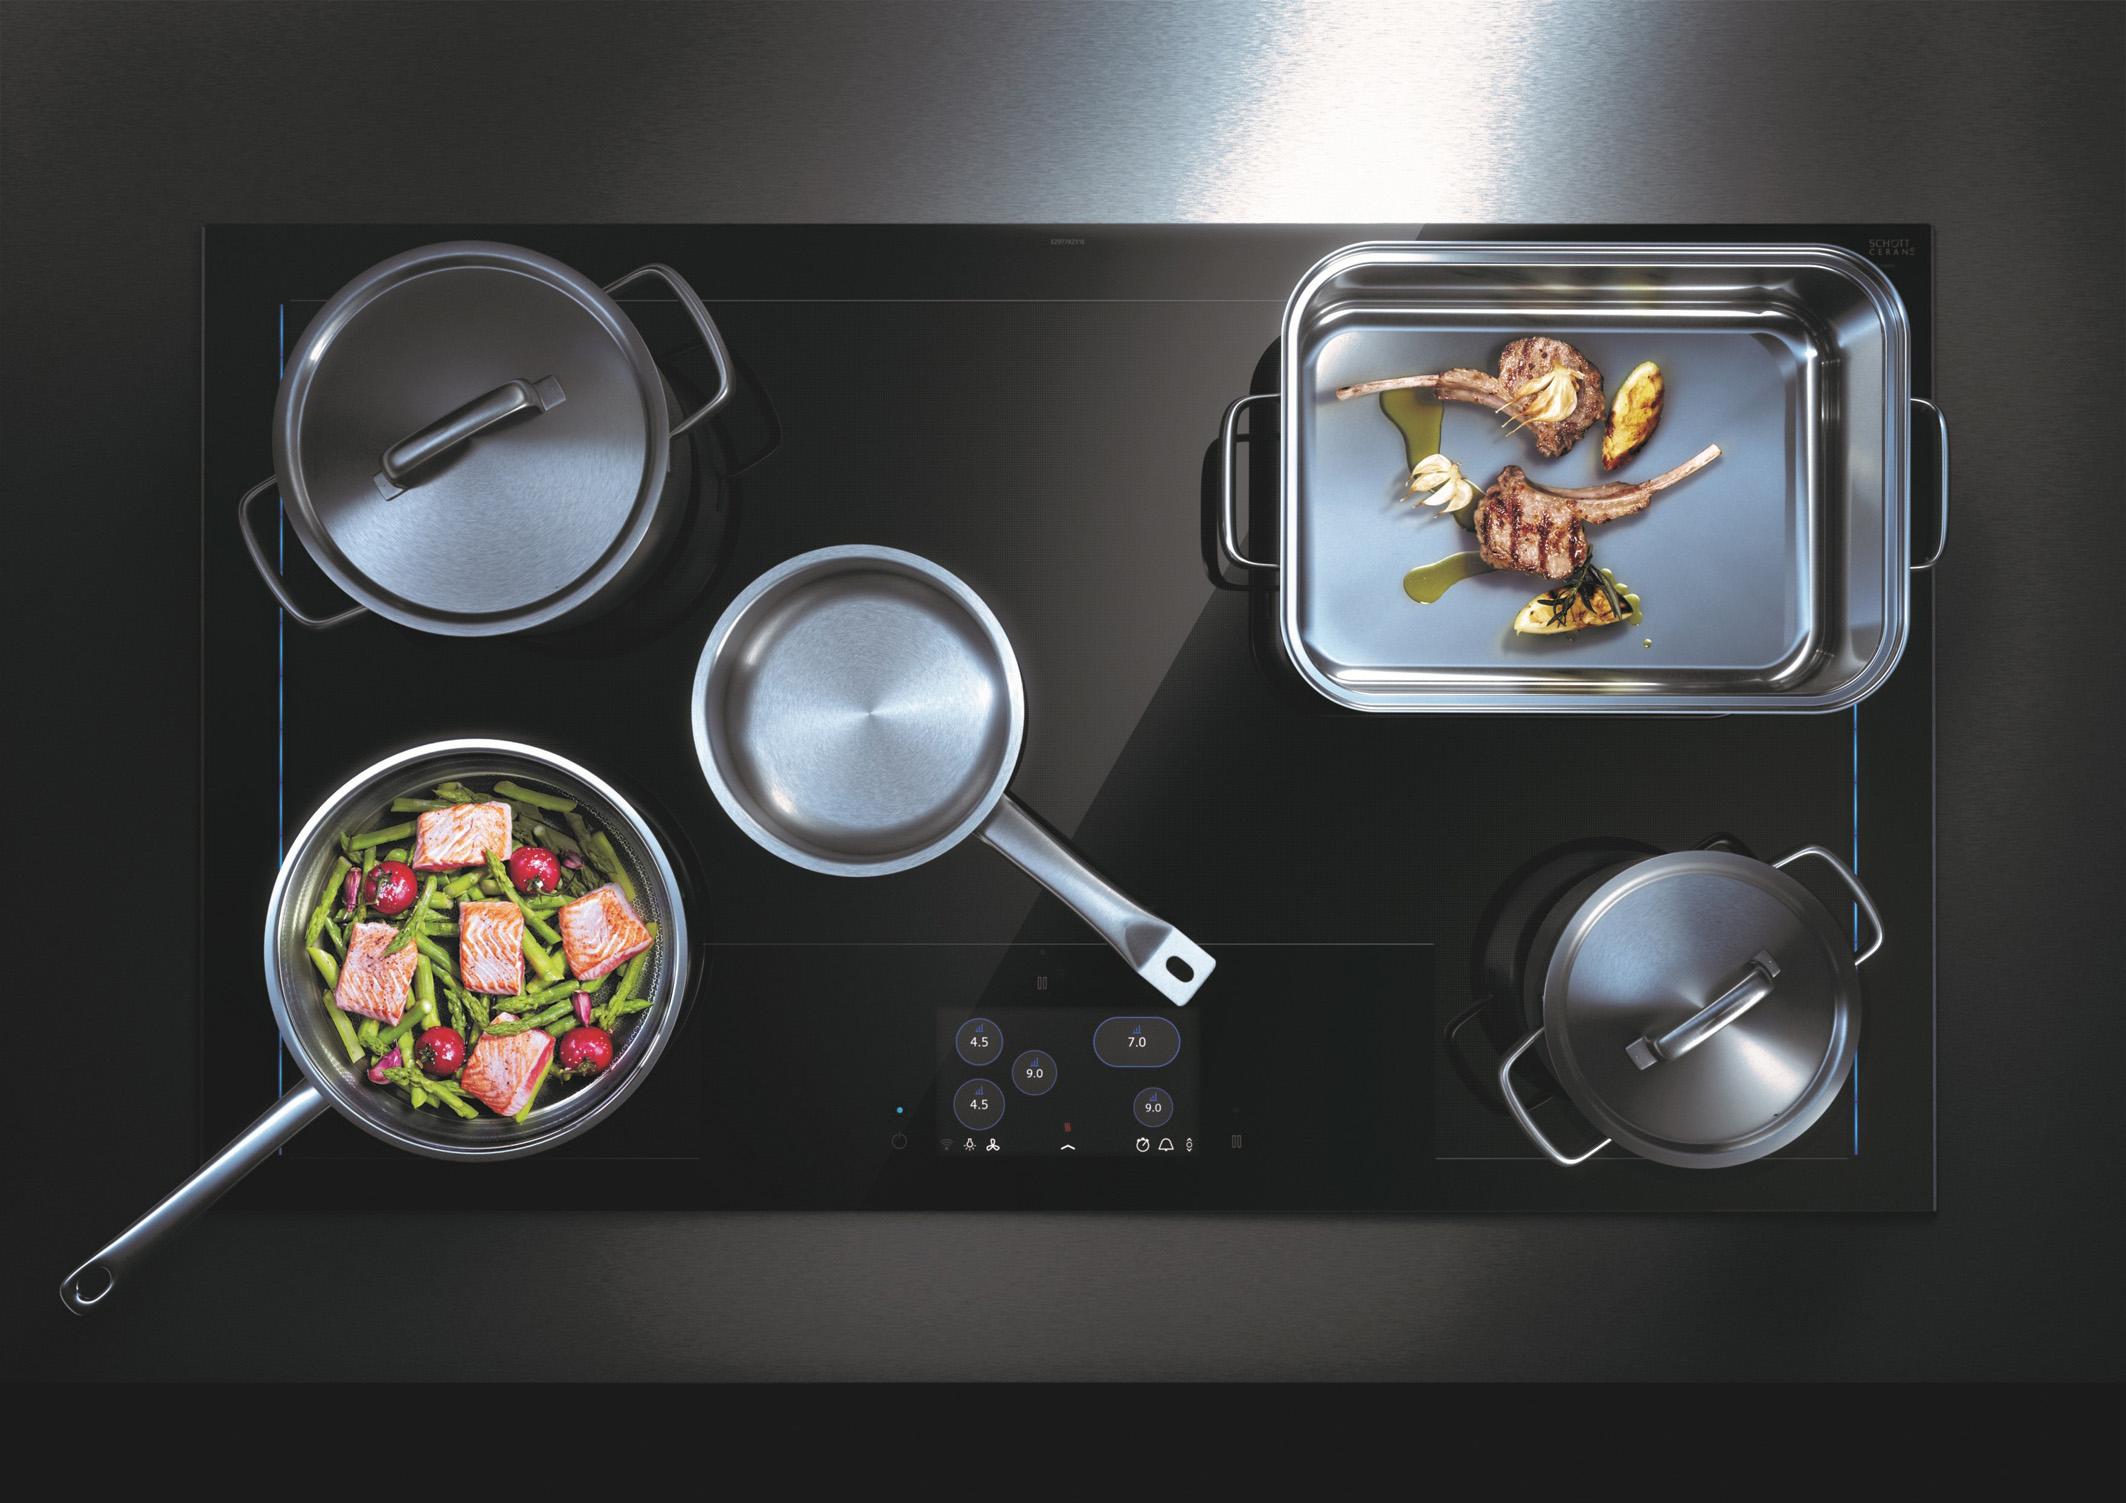 Beim Induktionskochfeld kochen Speisen schneller und Vitamine bleiben erhalten. (Foto: AMK)